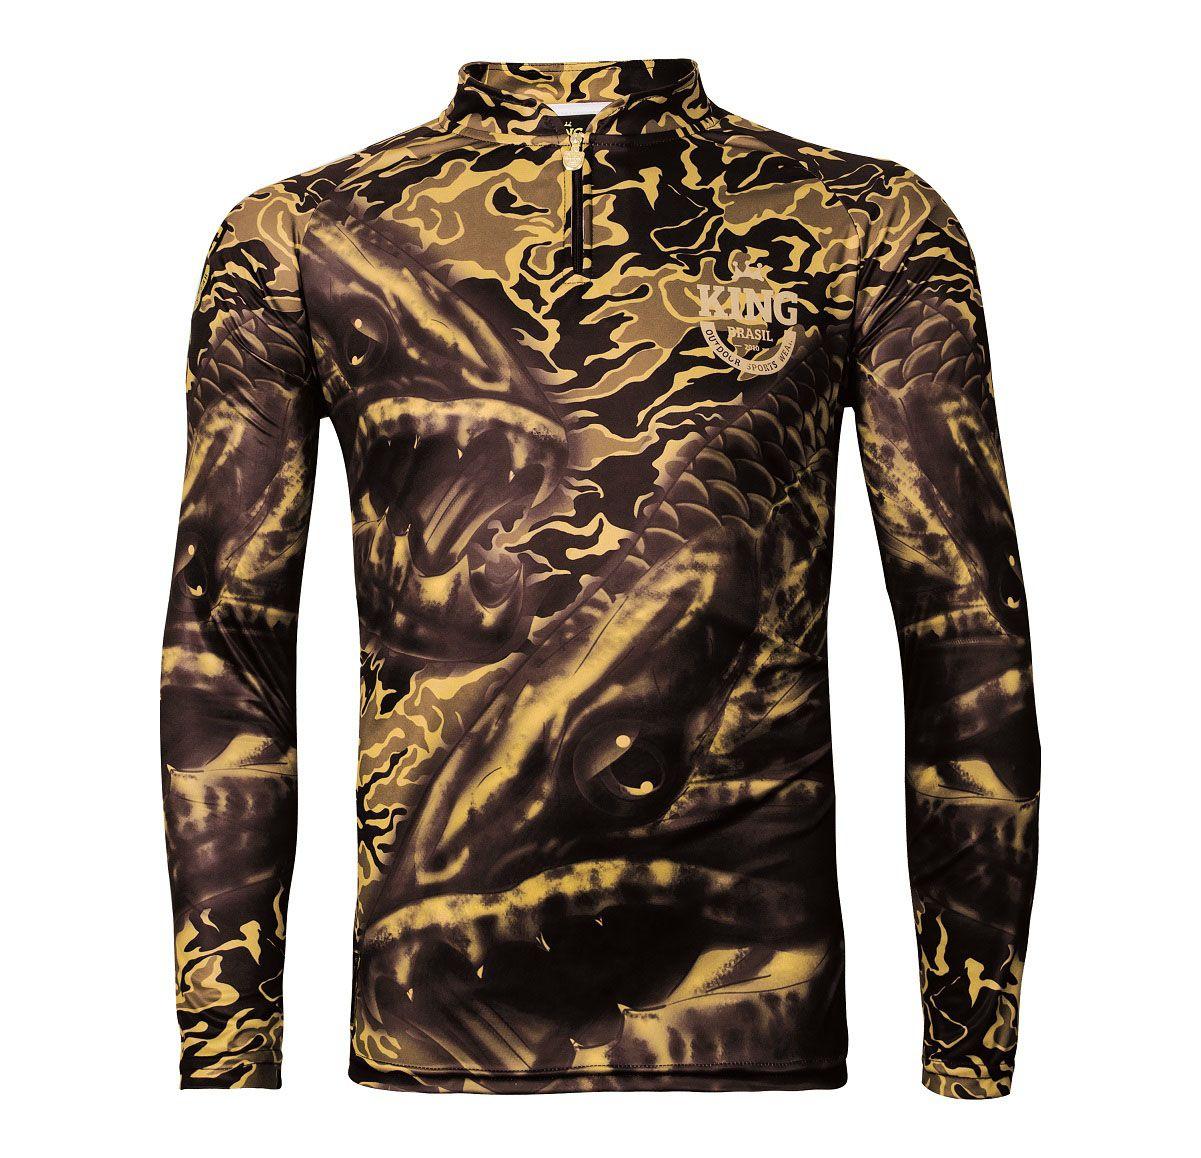 73001d0c8f Camiseta De Pesca King Proteção Solar Uv Viking 04 - Trairão - LIFE PESCA -  Sua Loja de Pesca